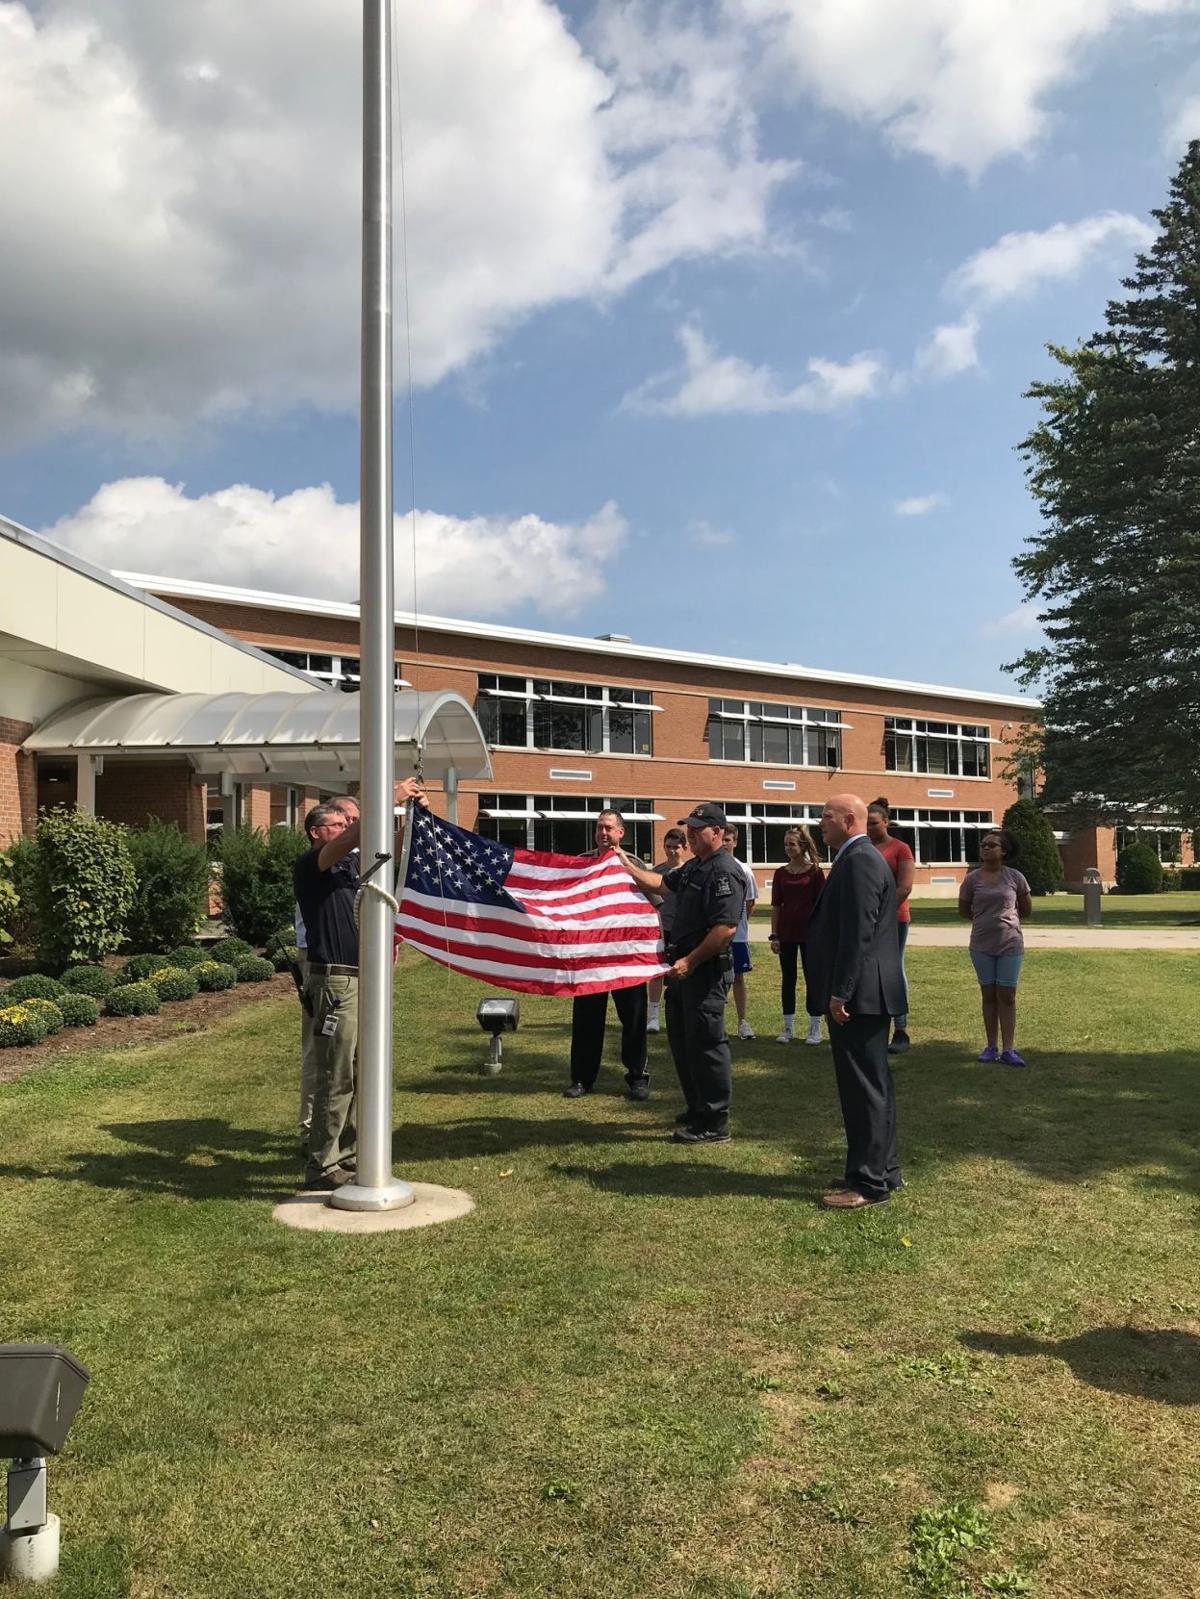 Flag raised